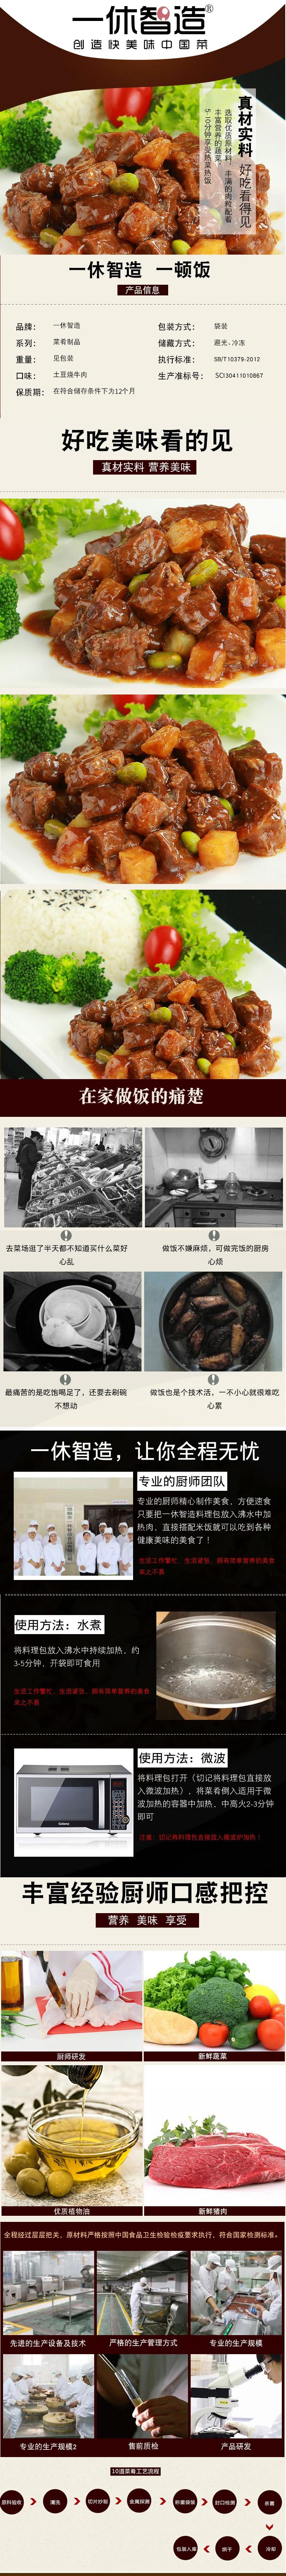 土豆牛肉.jpg